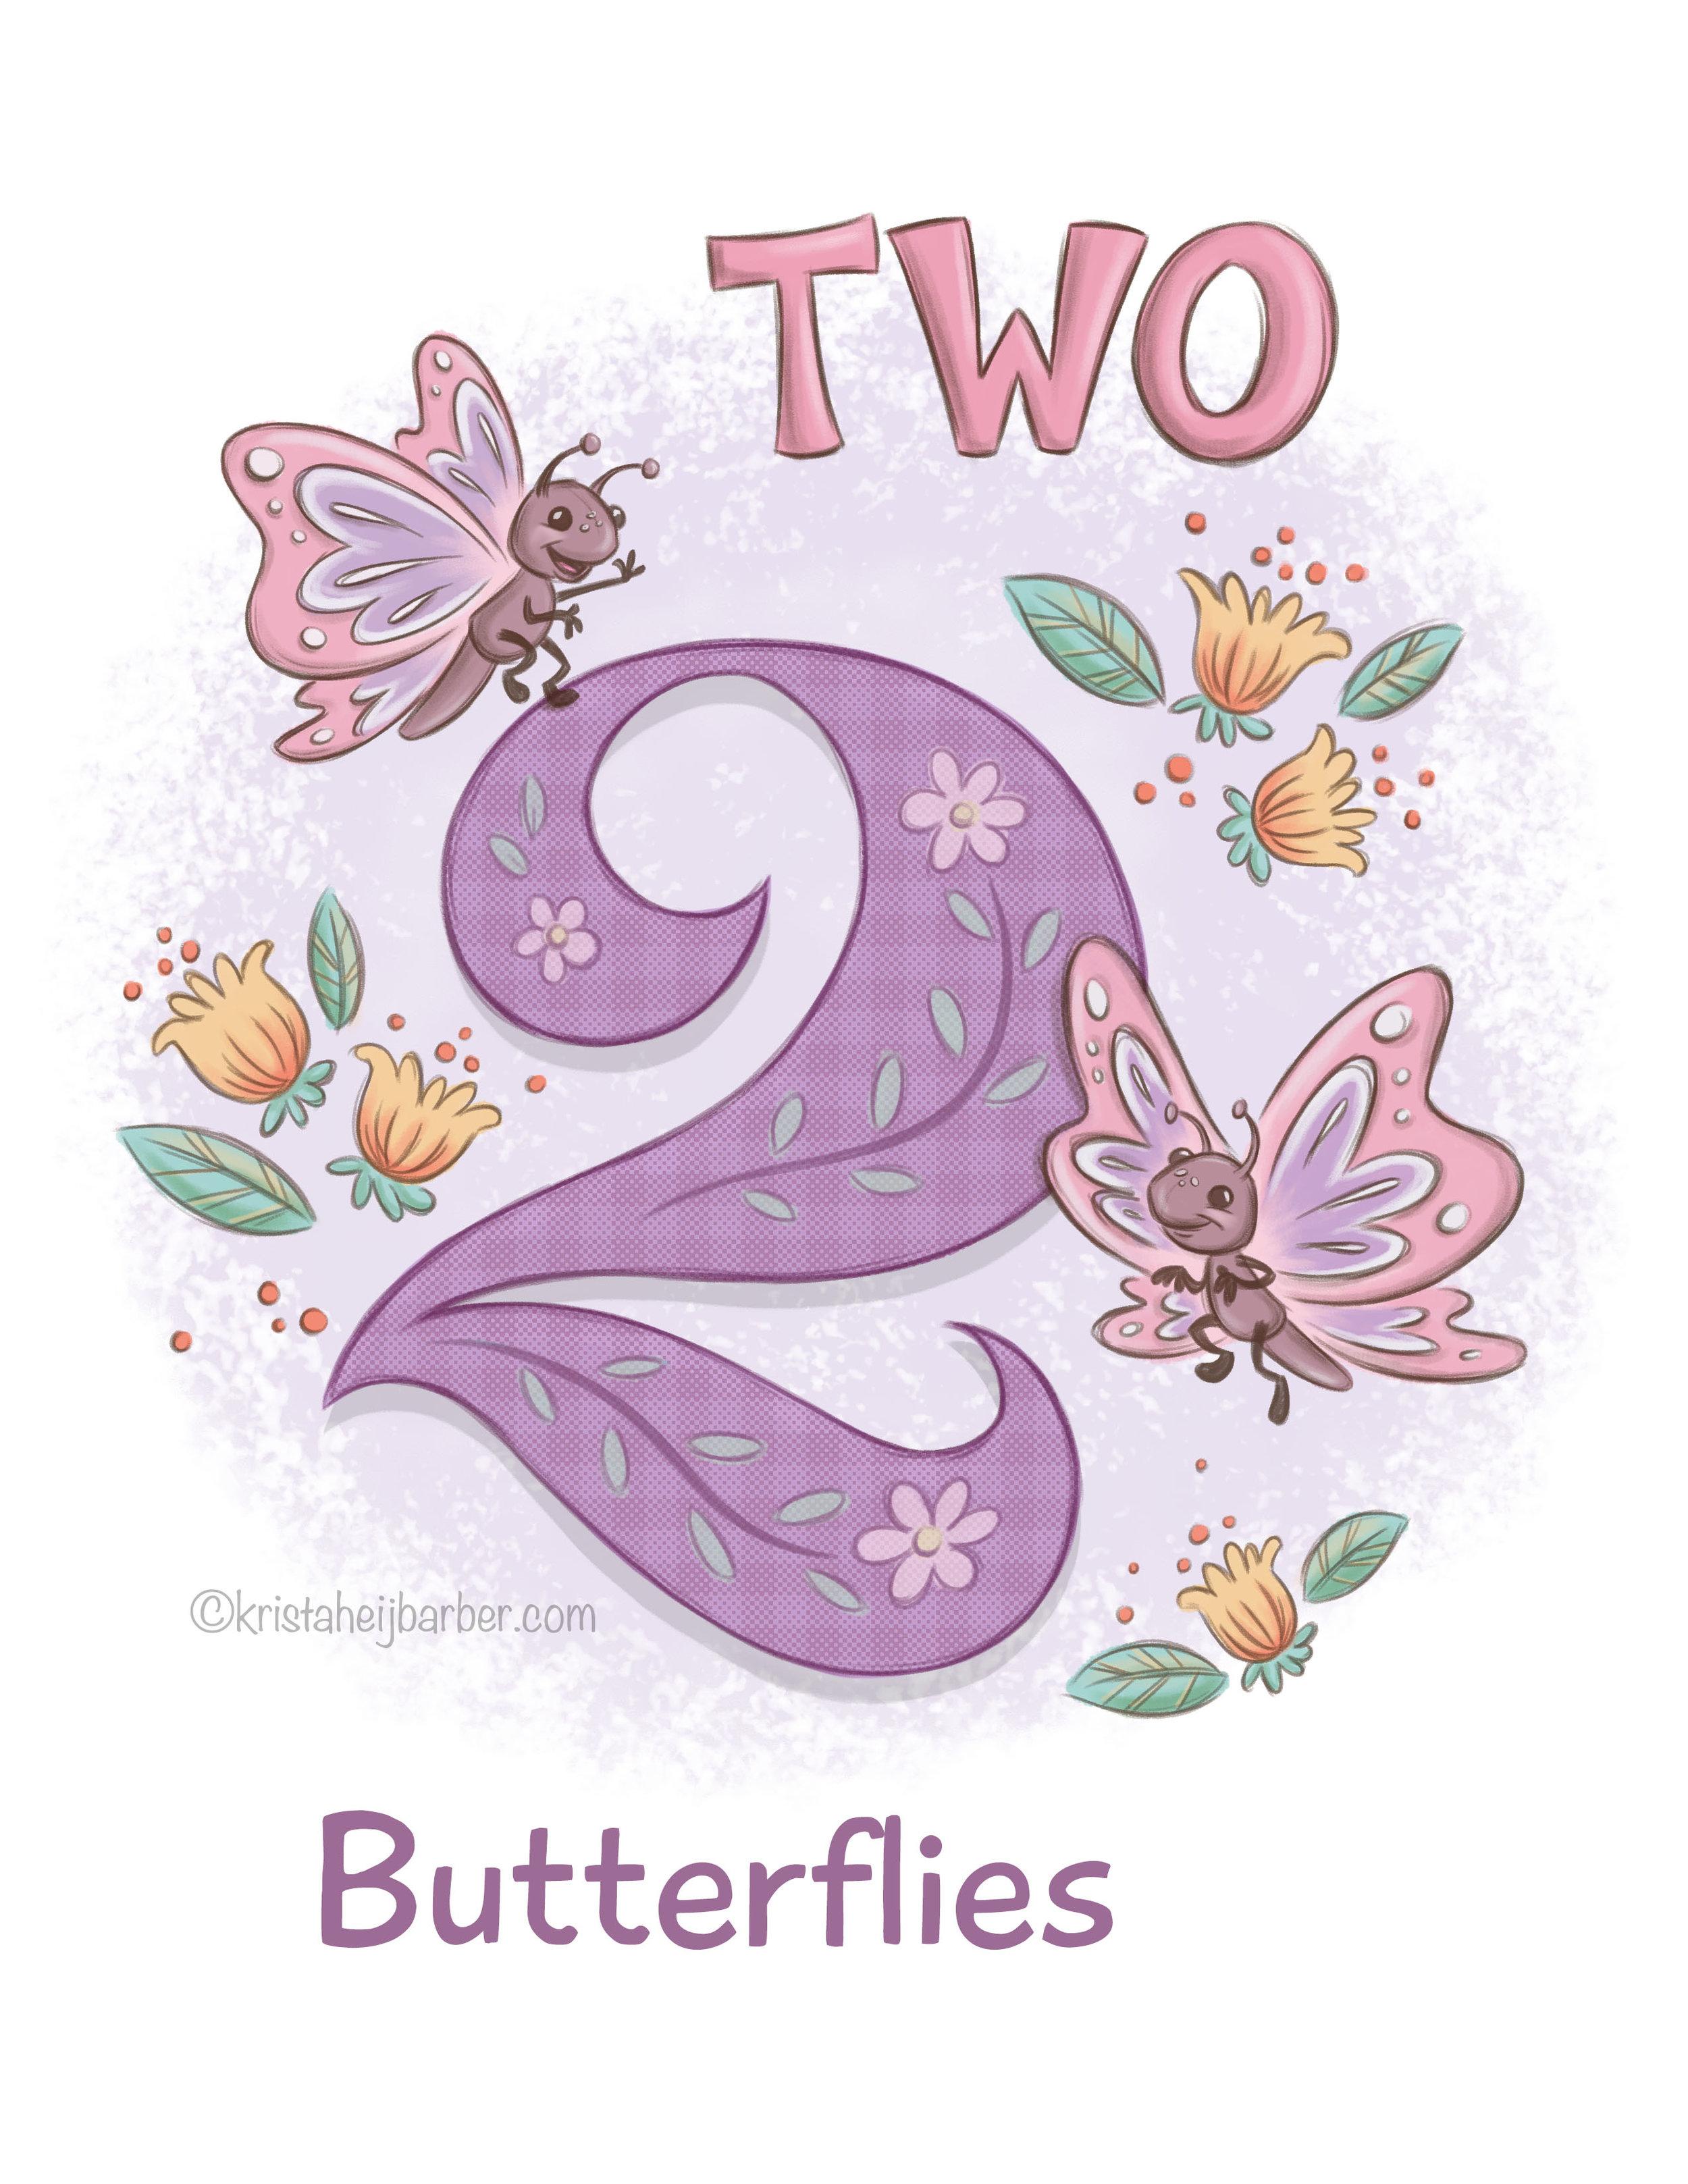 2-Butterflies.jpg